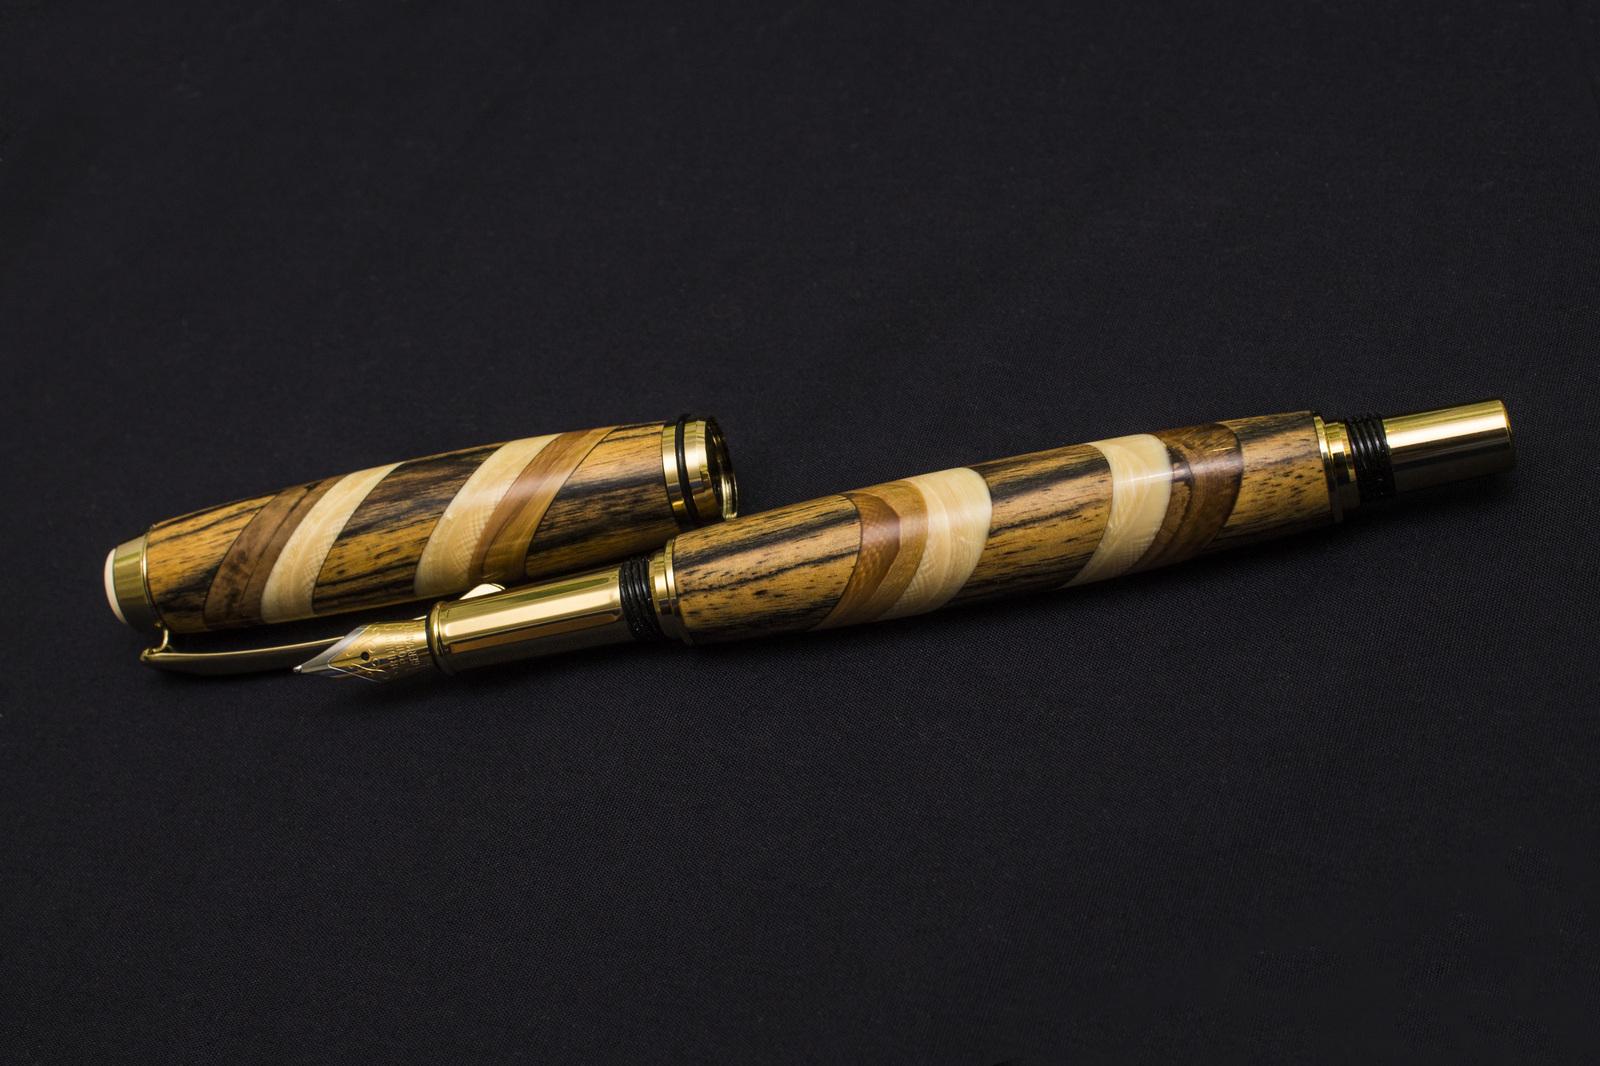 Шариковая ручка в жопе